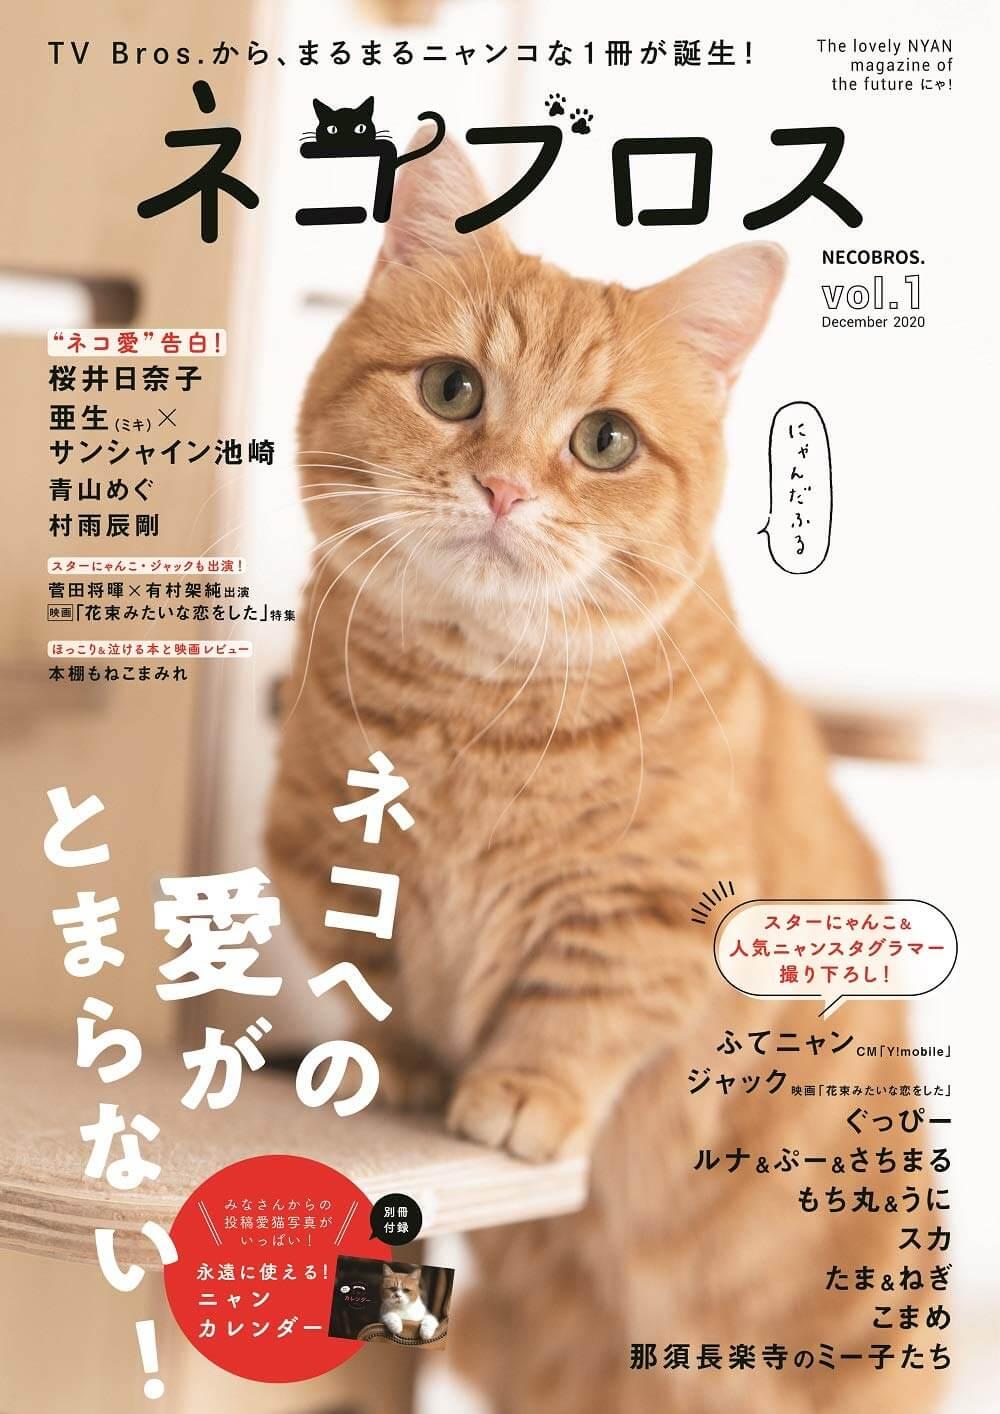 テレビブロス(TV Bros.)の猫版雑誌『ネコブロスvol.1』の表紙イメージ